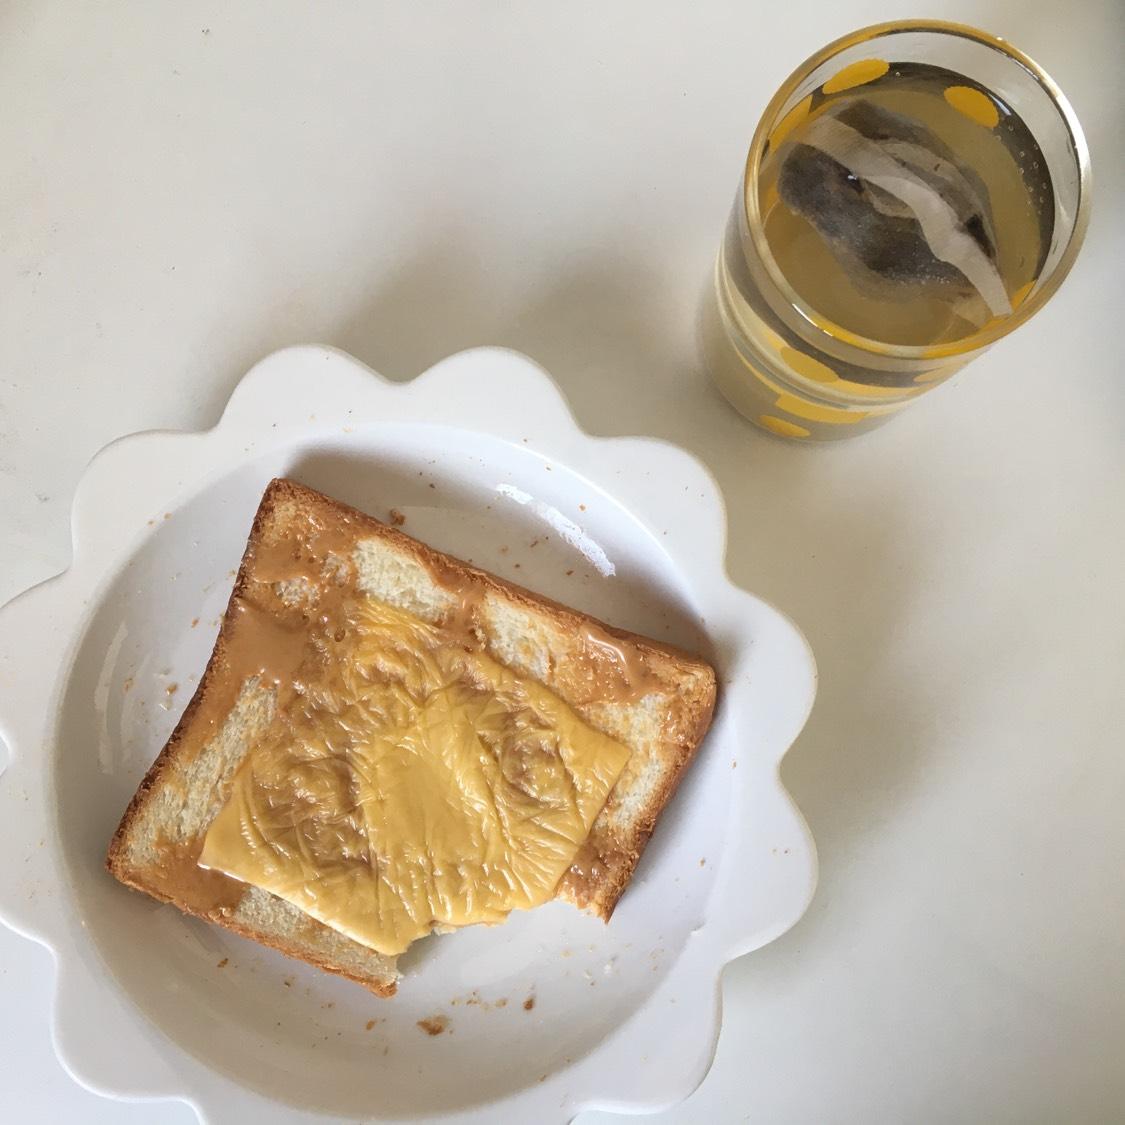 跟昨天差不多的早餐 没有锅的日子差不